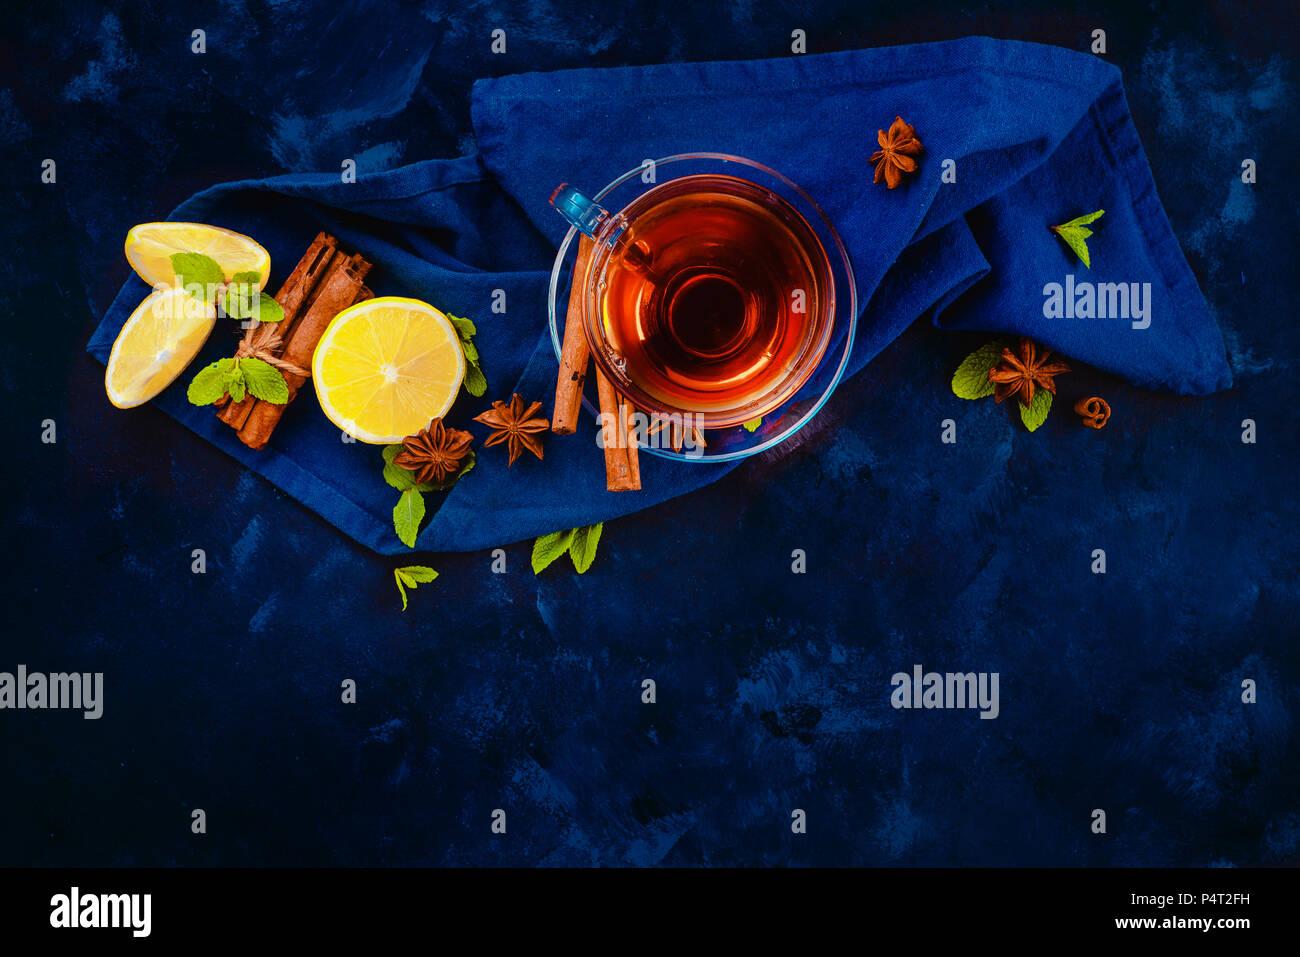 Heißes Getränk Header mit Glas Teetasse, , Serviette, Zitronenscheiben, Zimt, Anis Sterne und Minze auf einem dunklen Hintergrund. Dunkle essen Fotografie flach Stockbild